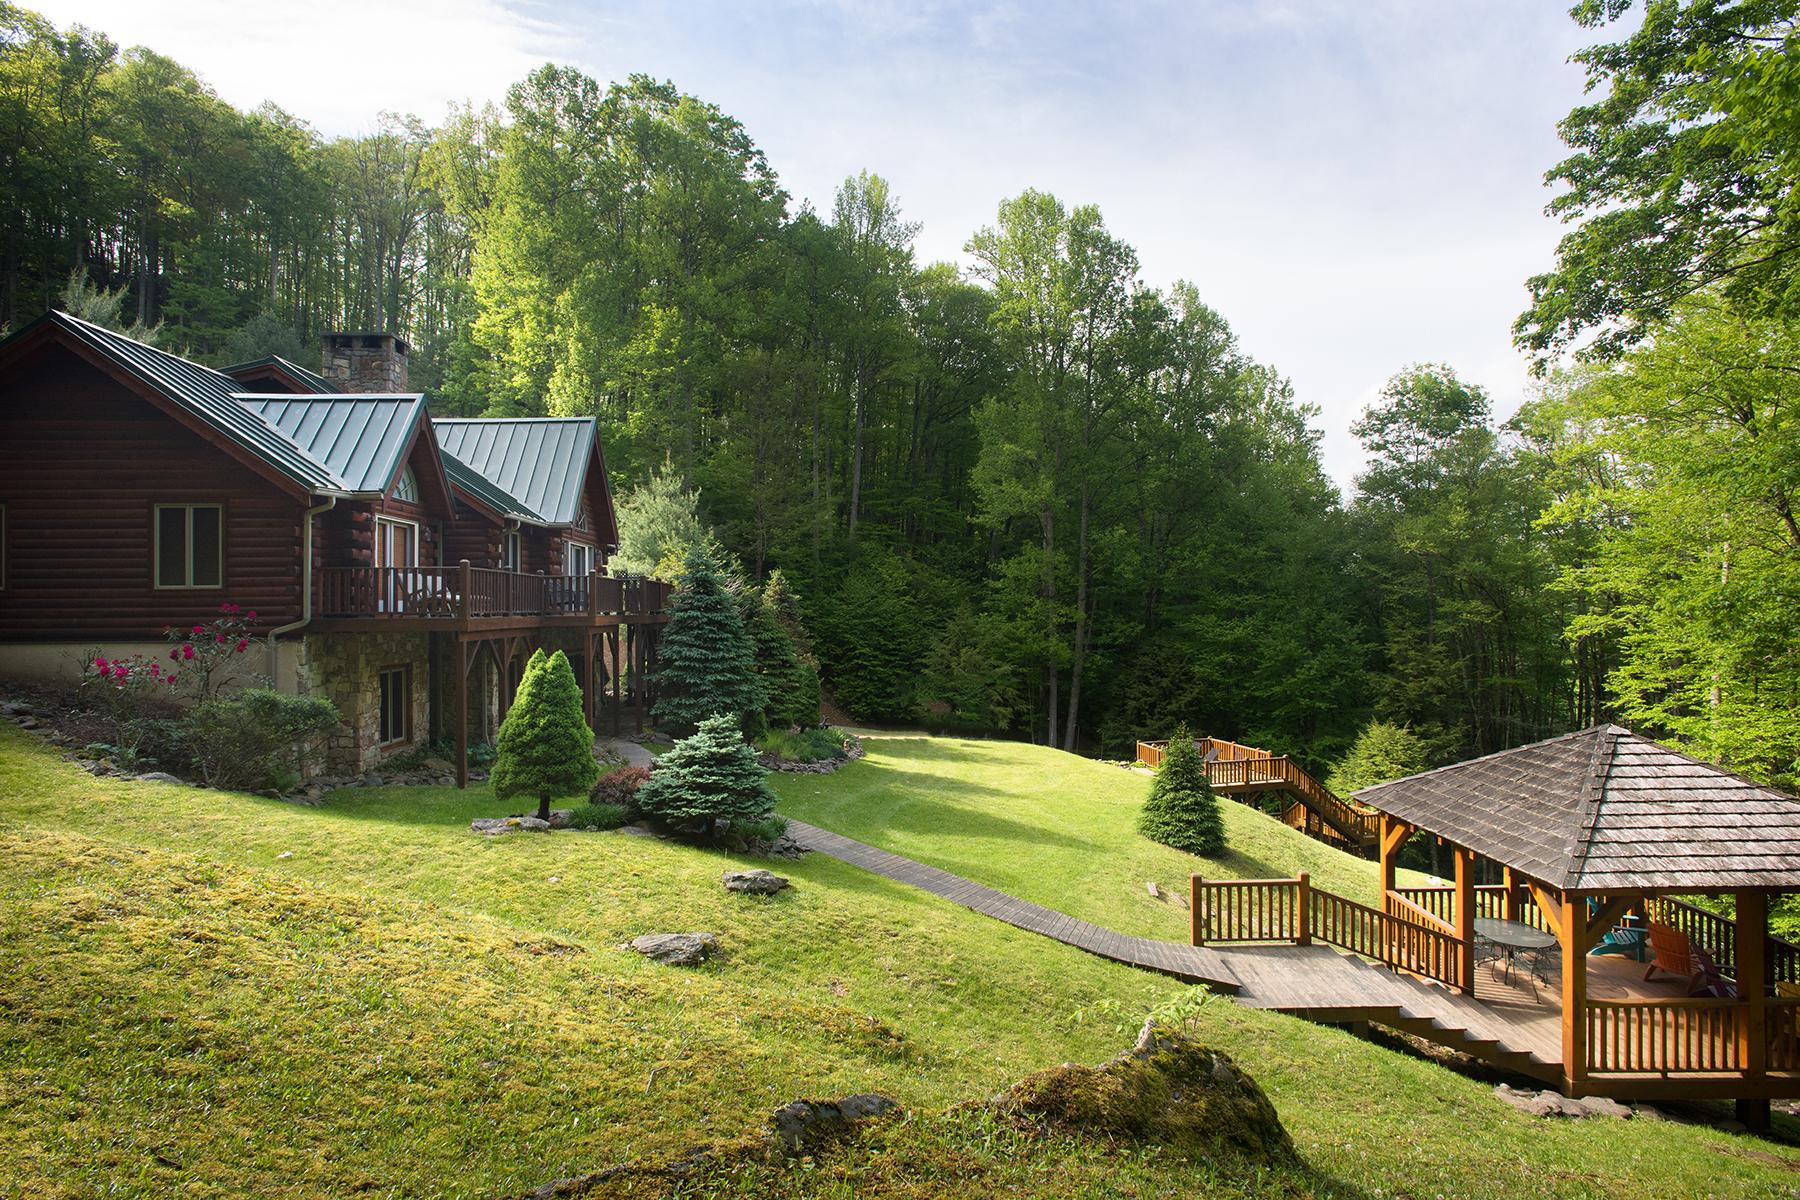 Single Family Home for Sale at BANNER ELK 218 Poor Mans Hollar Banner Elk, North Carolina, 28604 United States